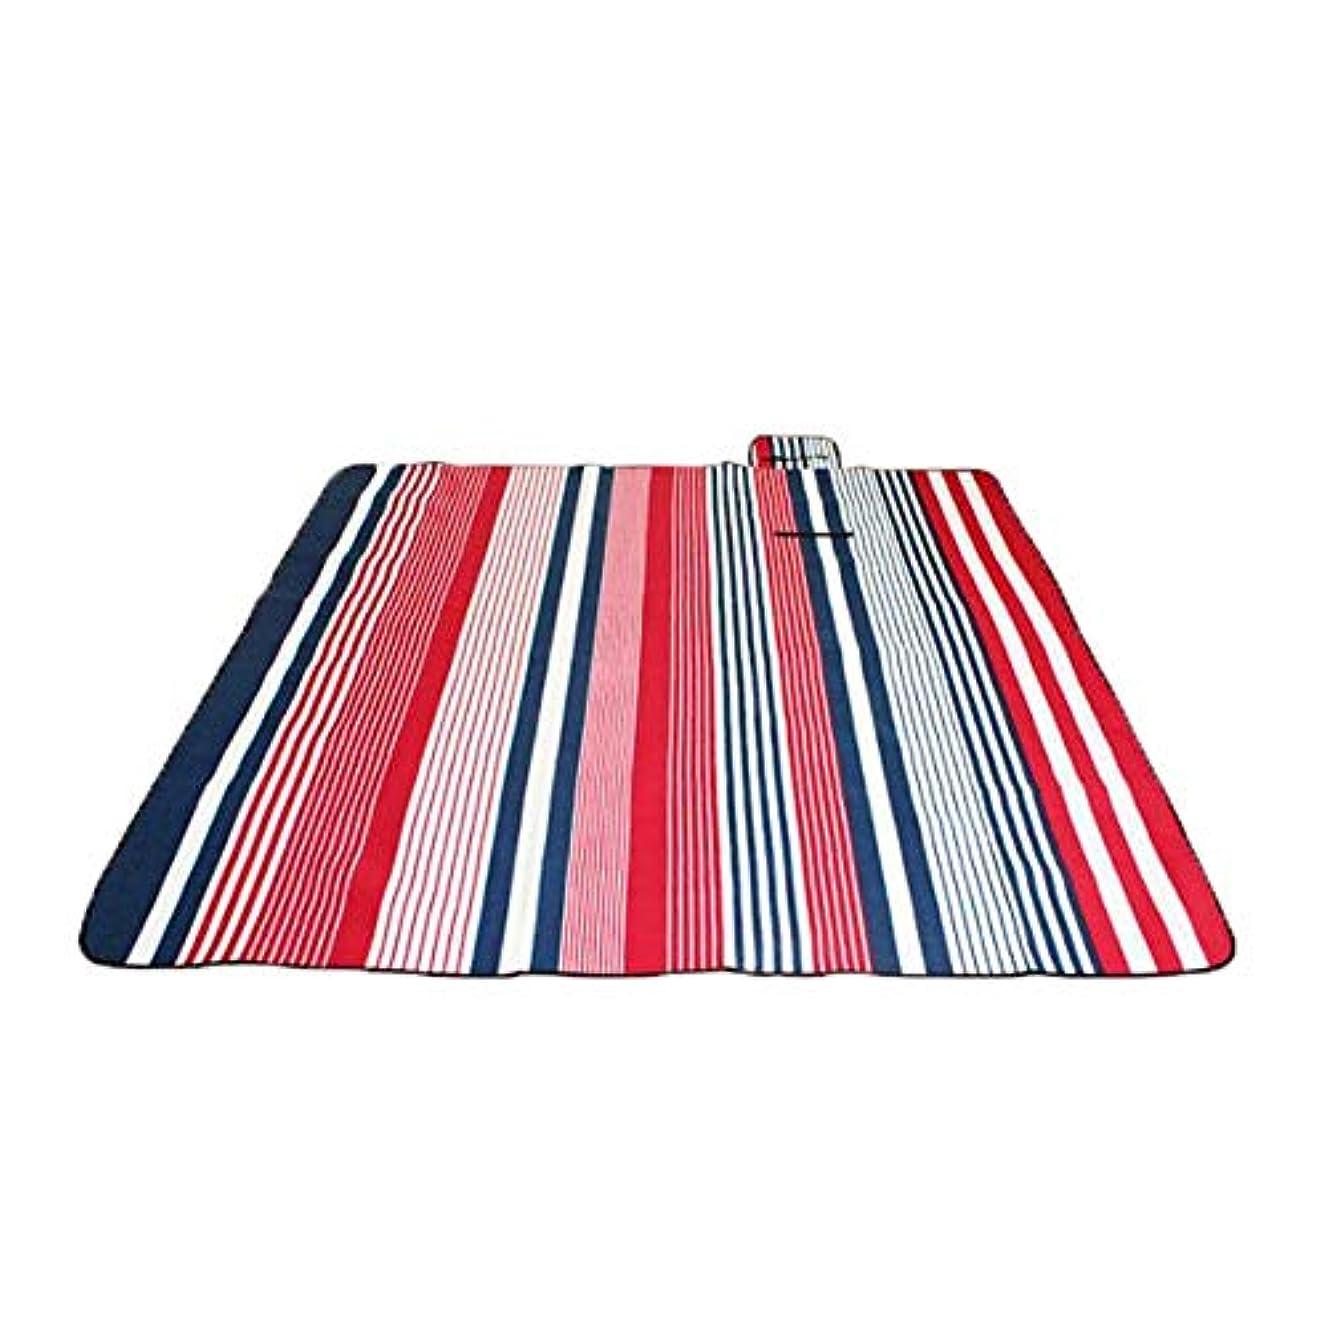 ブランド止まる議題ストライププリント特大防水ピクニック毛布サンドプルーフ毛布マット屋外ピクニックマットパッド入りキャンプグラウンドグラスブランケット200 x 200 CM (色 : 赤, サイズ : 200 x 200 cm)